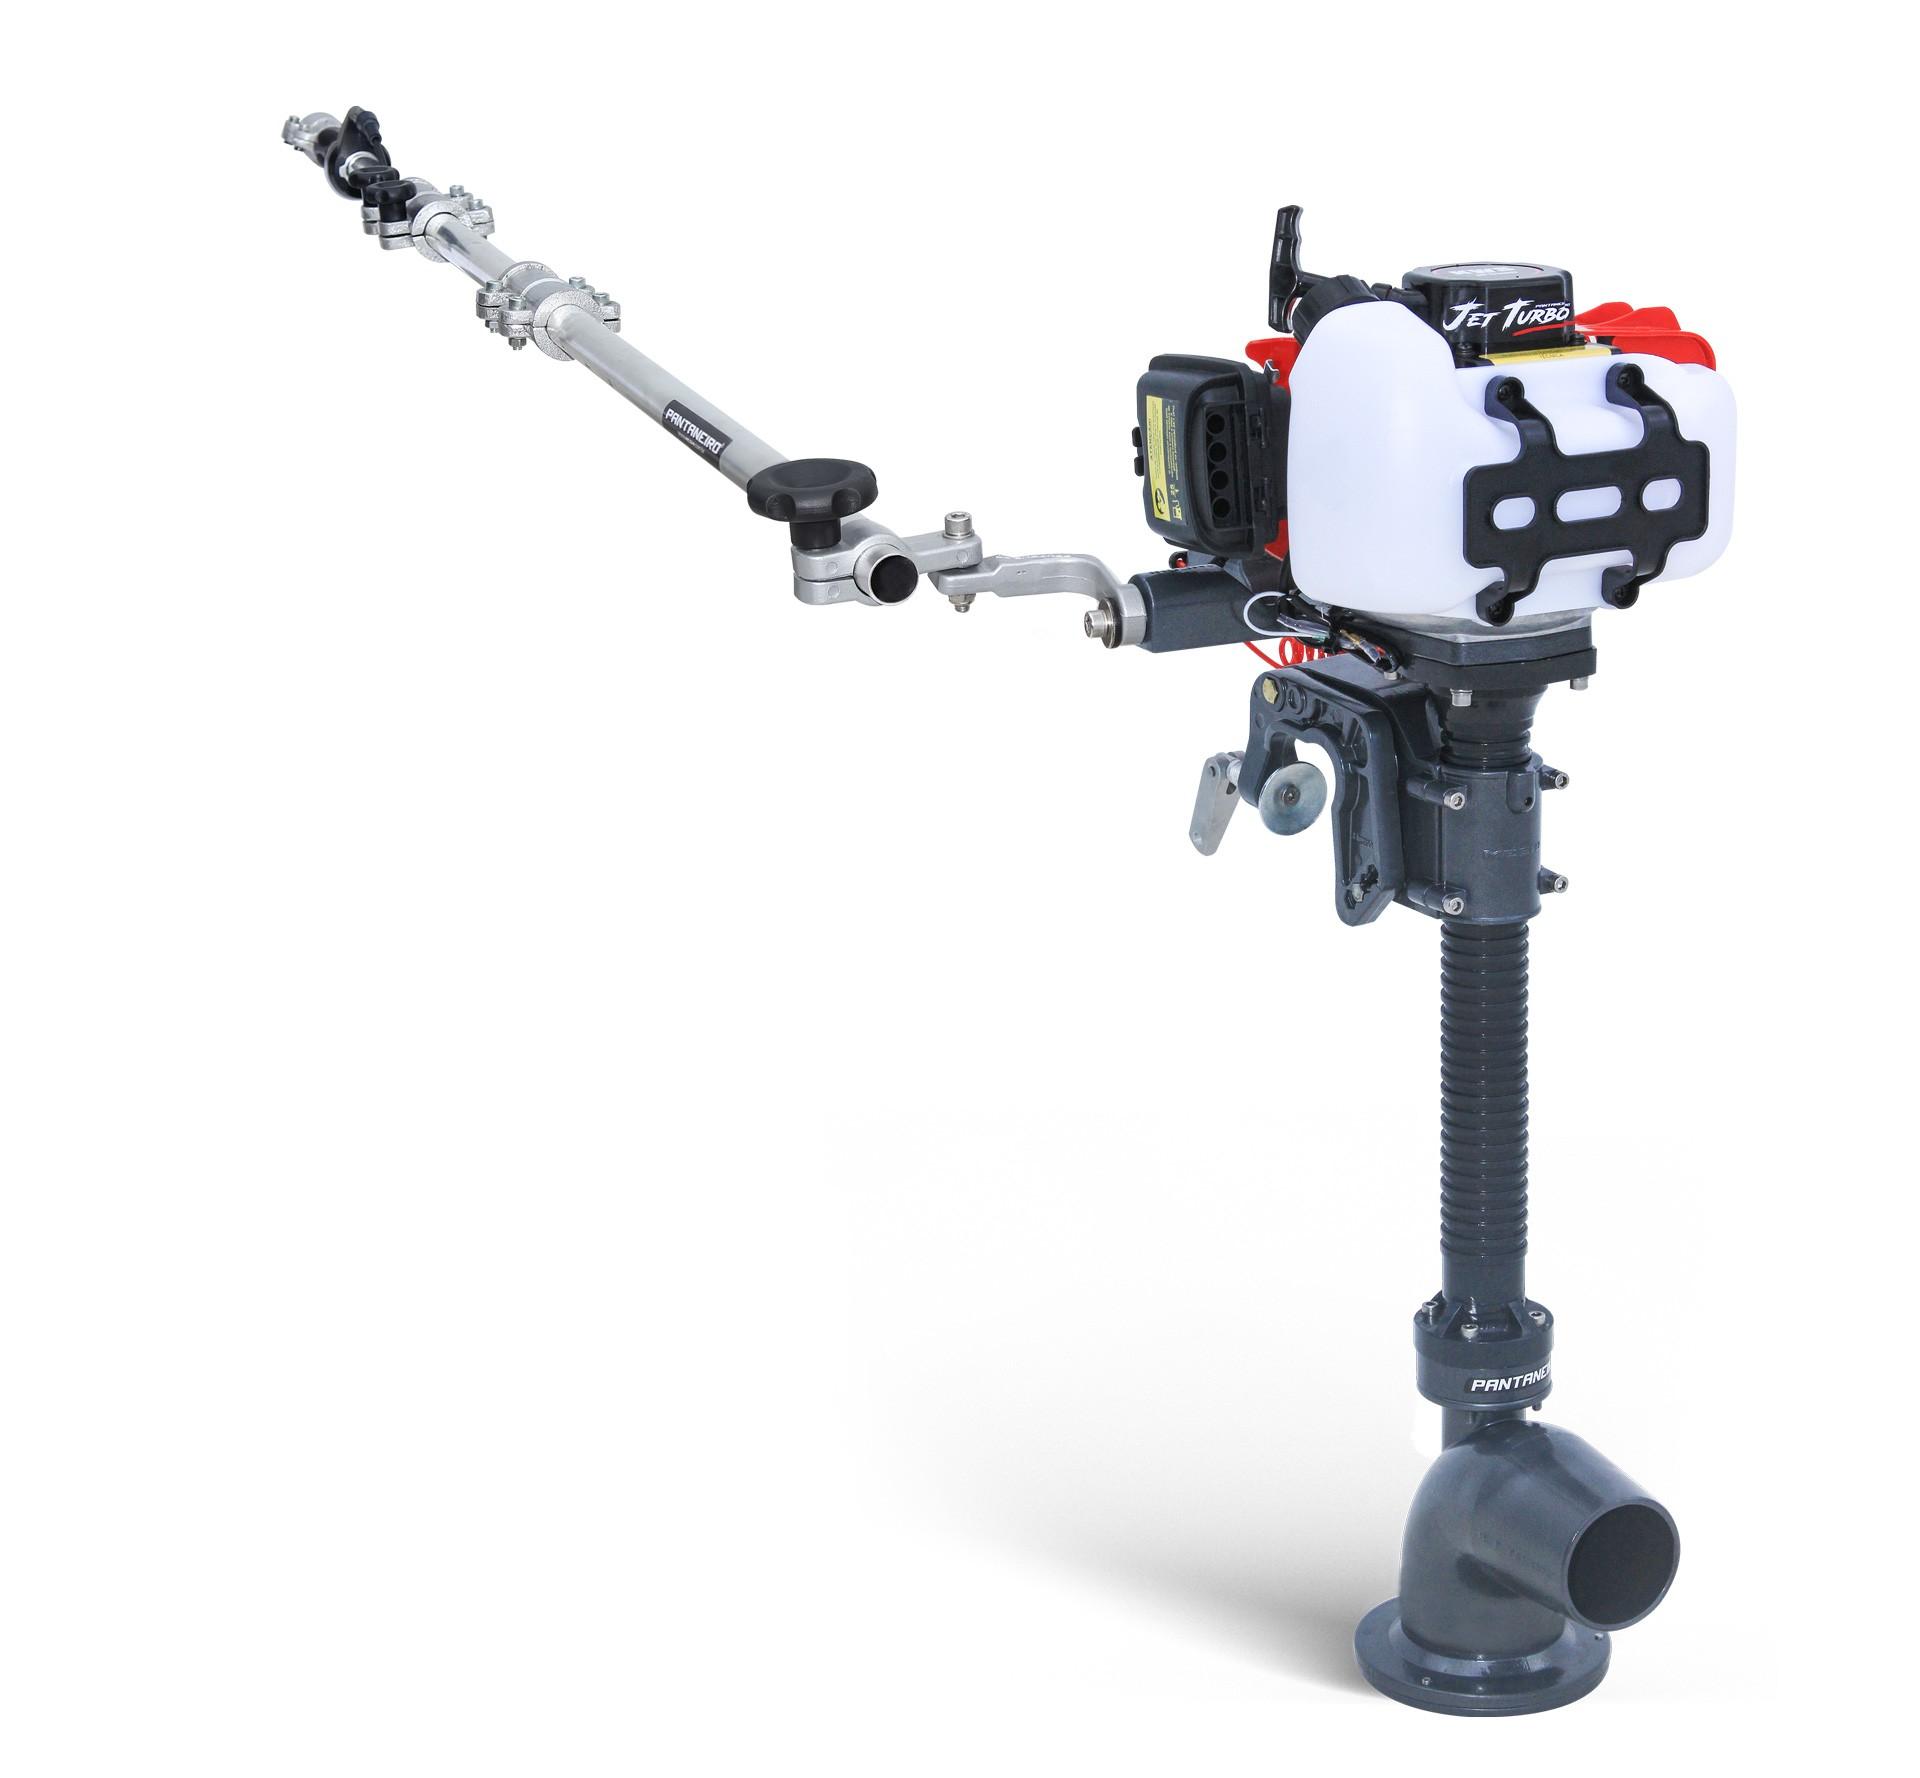 Motor para Caiaque Jet Turbo Cut com haste aceleradora e embreagem